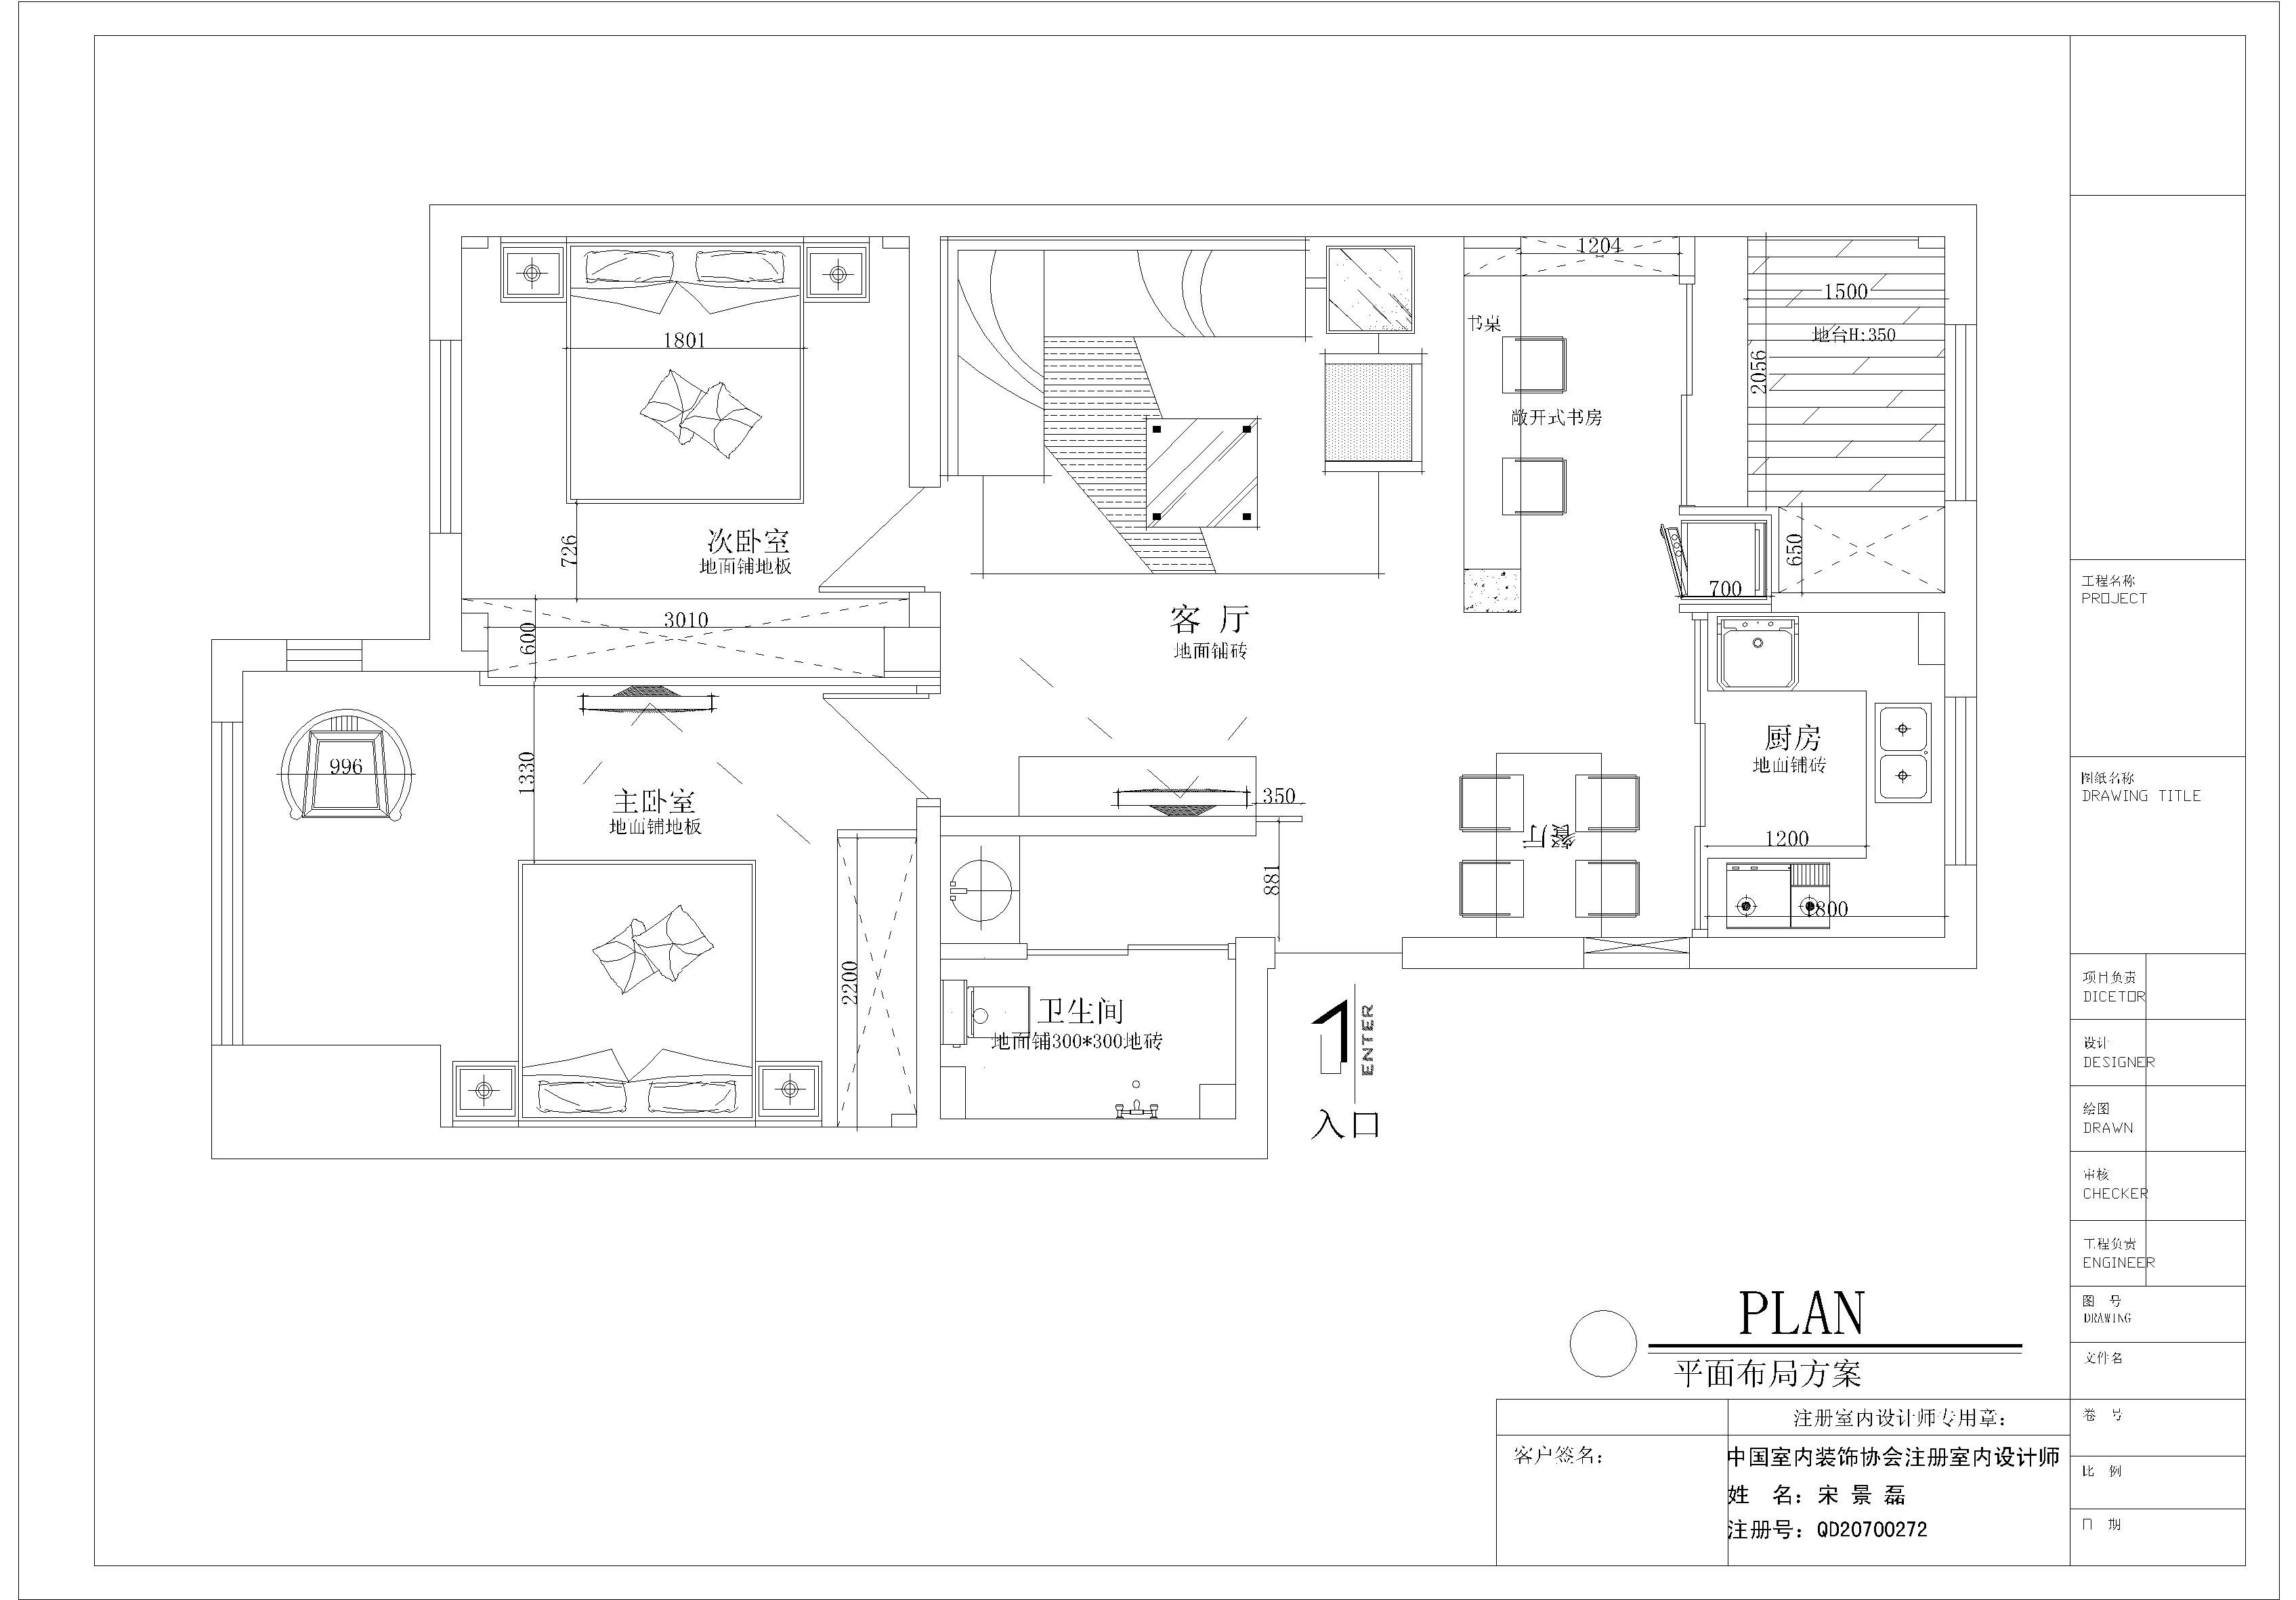 房屋平面设计图分析图片